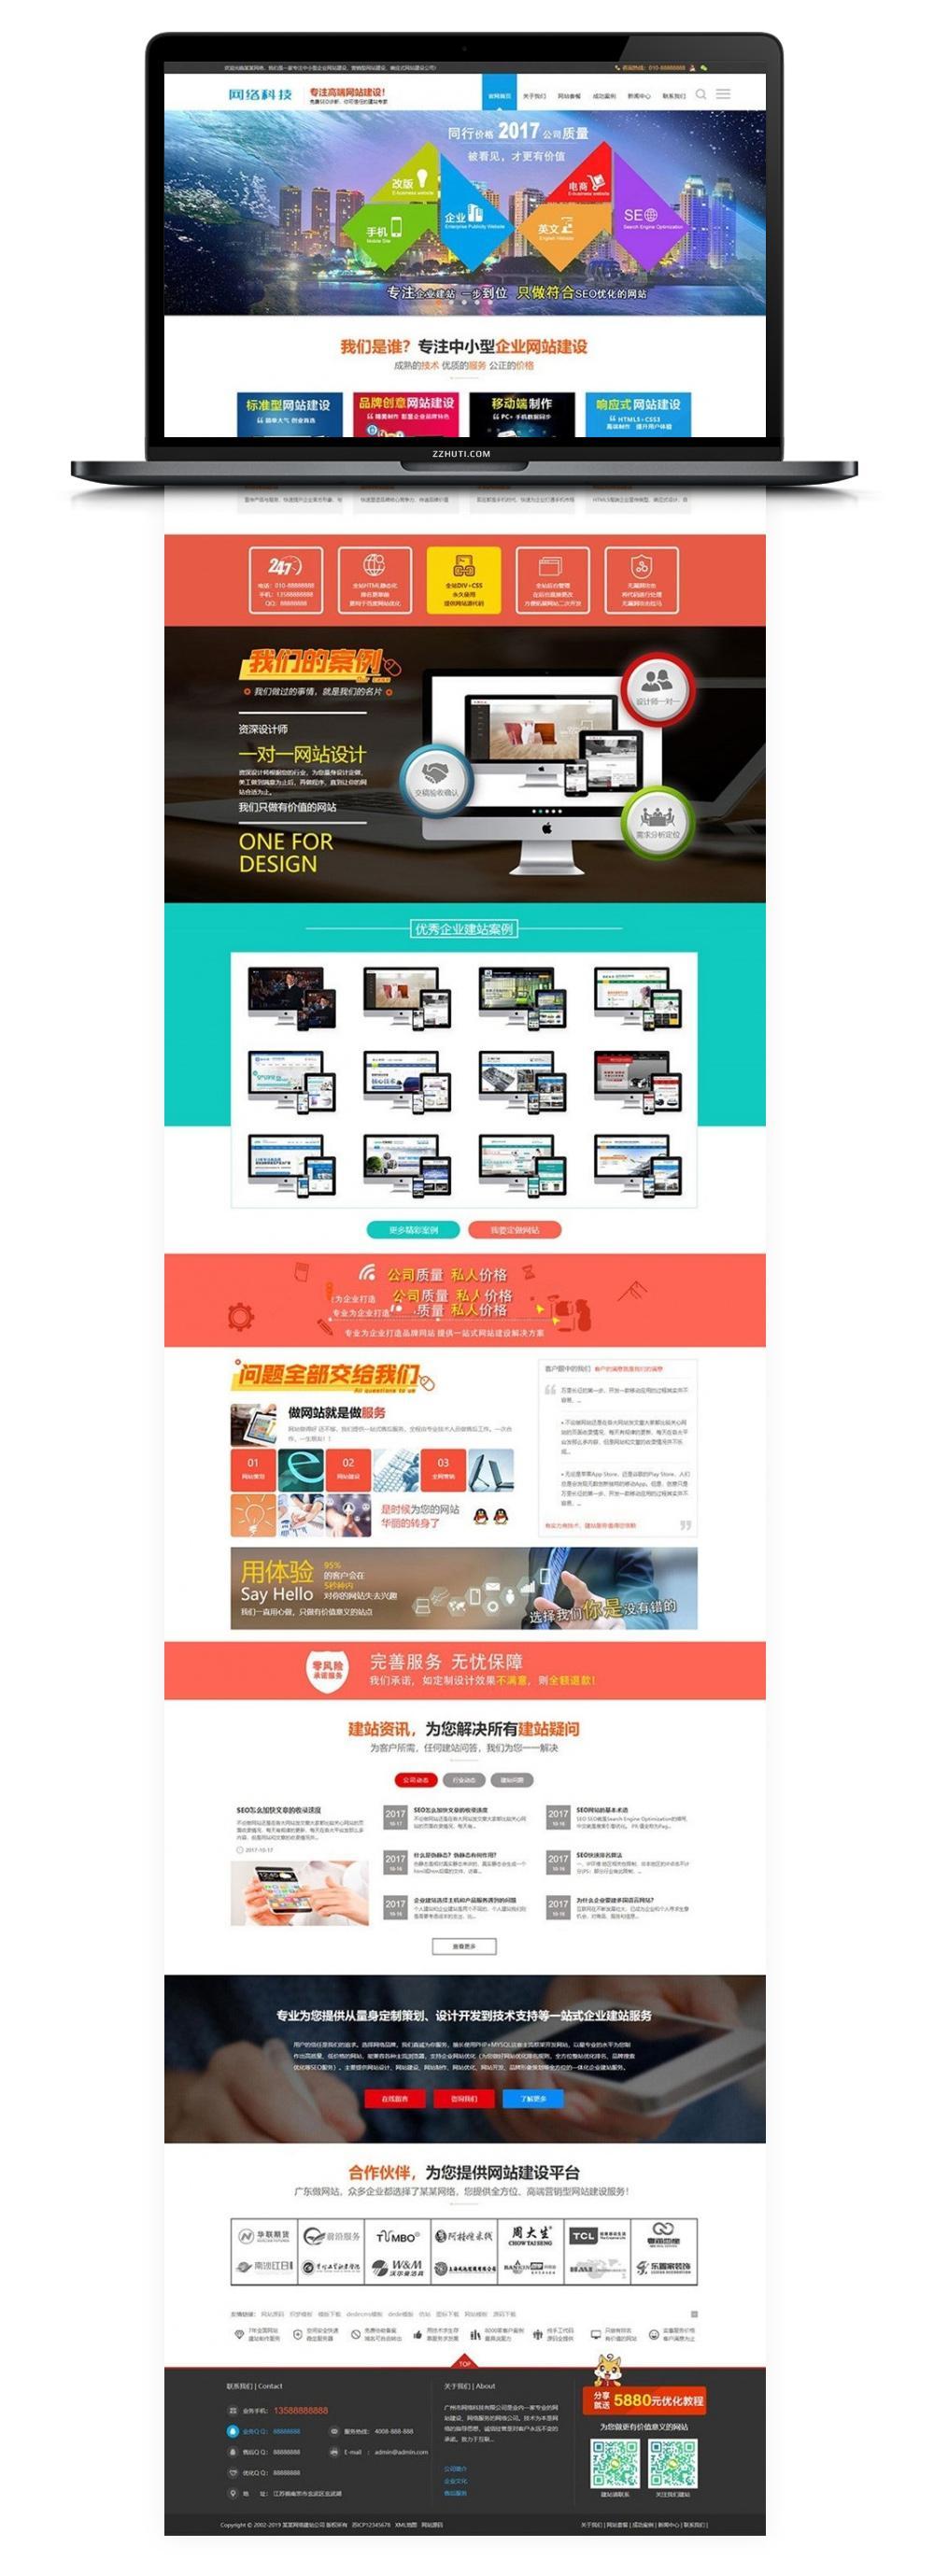 【织梦网络科技公司模板】自适应高端网站建设推广科技公司源码[织梦内核]